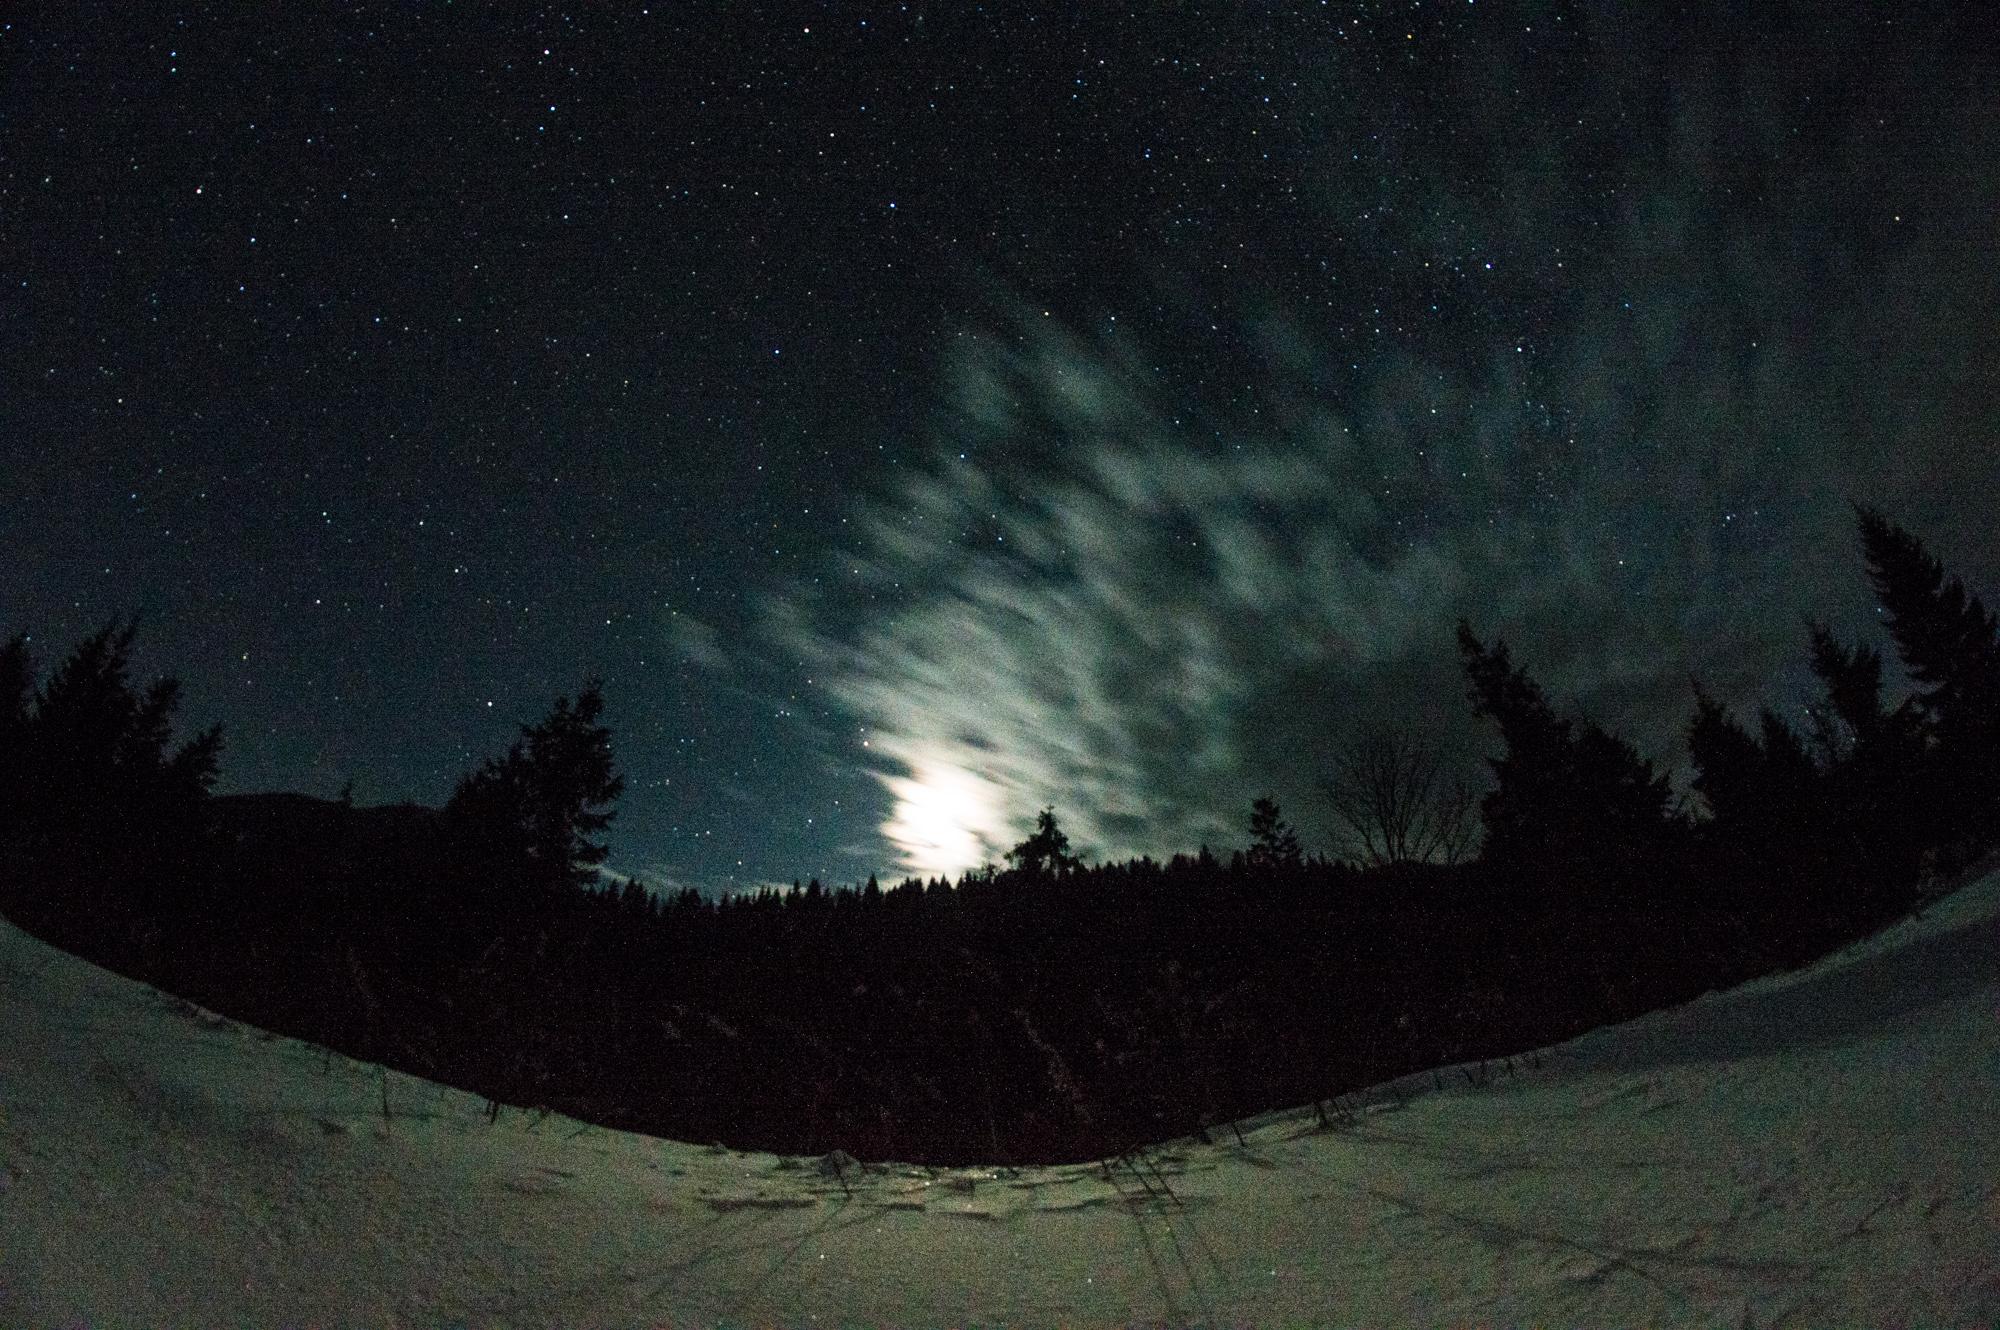 Місяць і хмари над горами